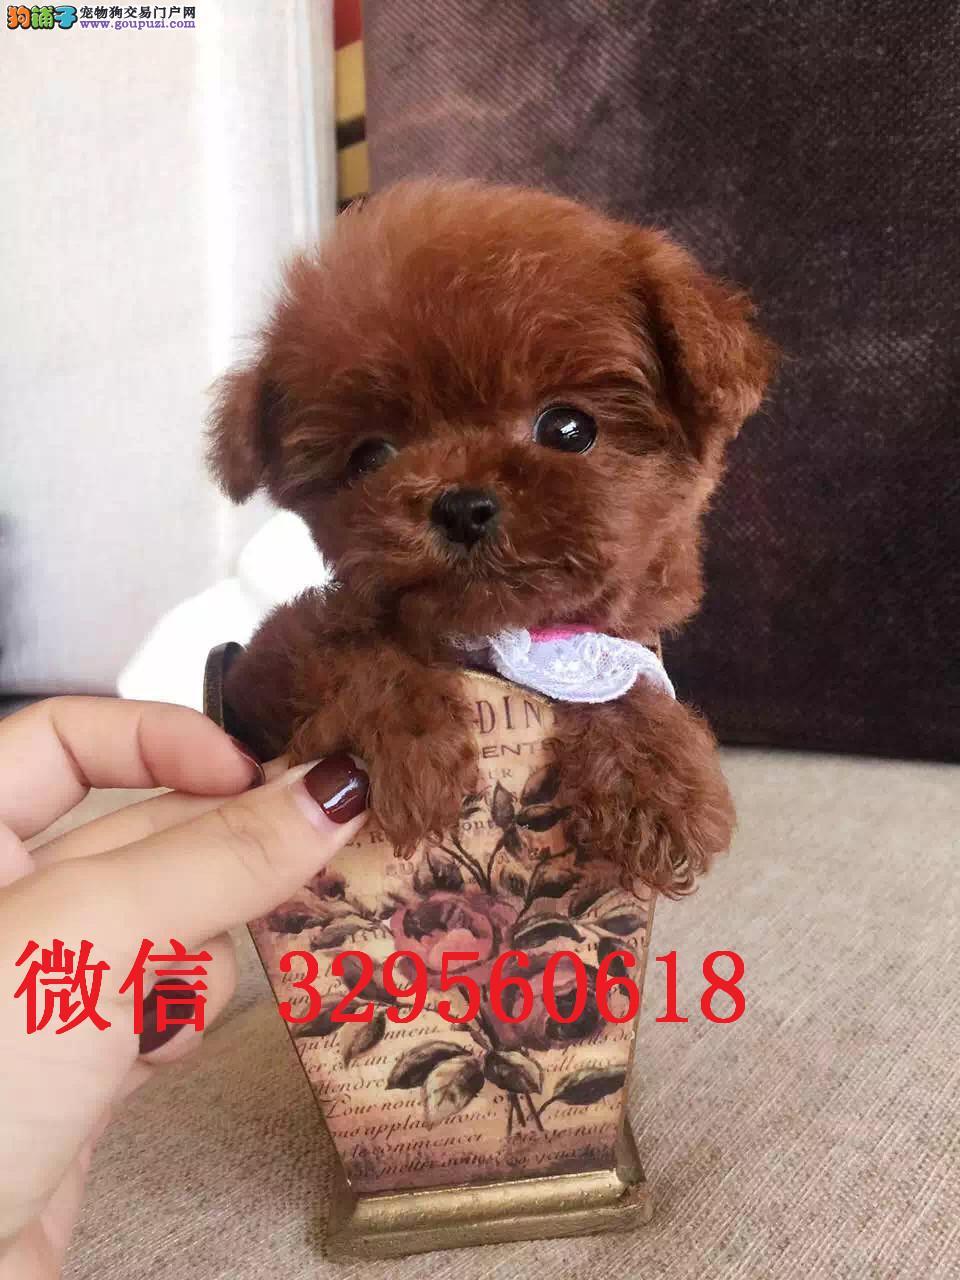 吉林哪里有卖泰迪犬 红色泰迪多少钱小体泰迪茶杯泰迪